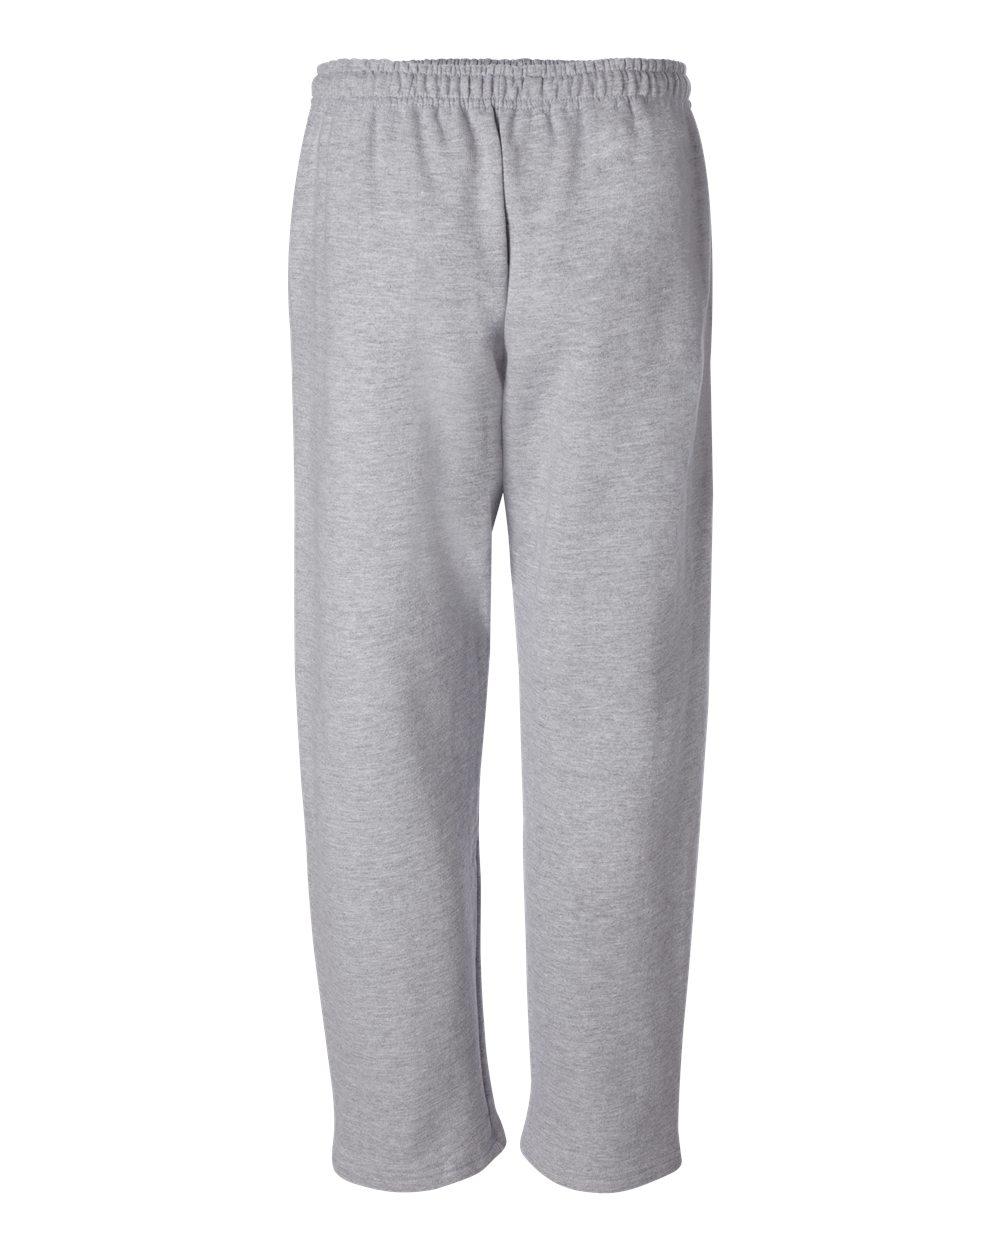 Gildan-Mens-DryBlend-Open-Bottom-Pocket-Sweatpants-12300-up-to-2XL thumbnail 16